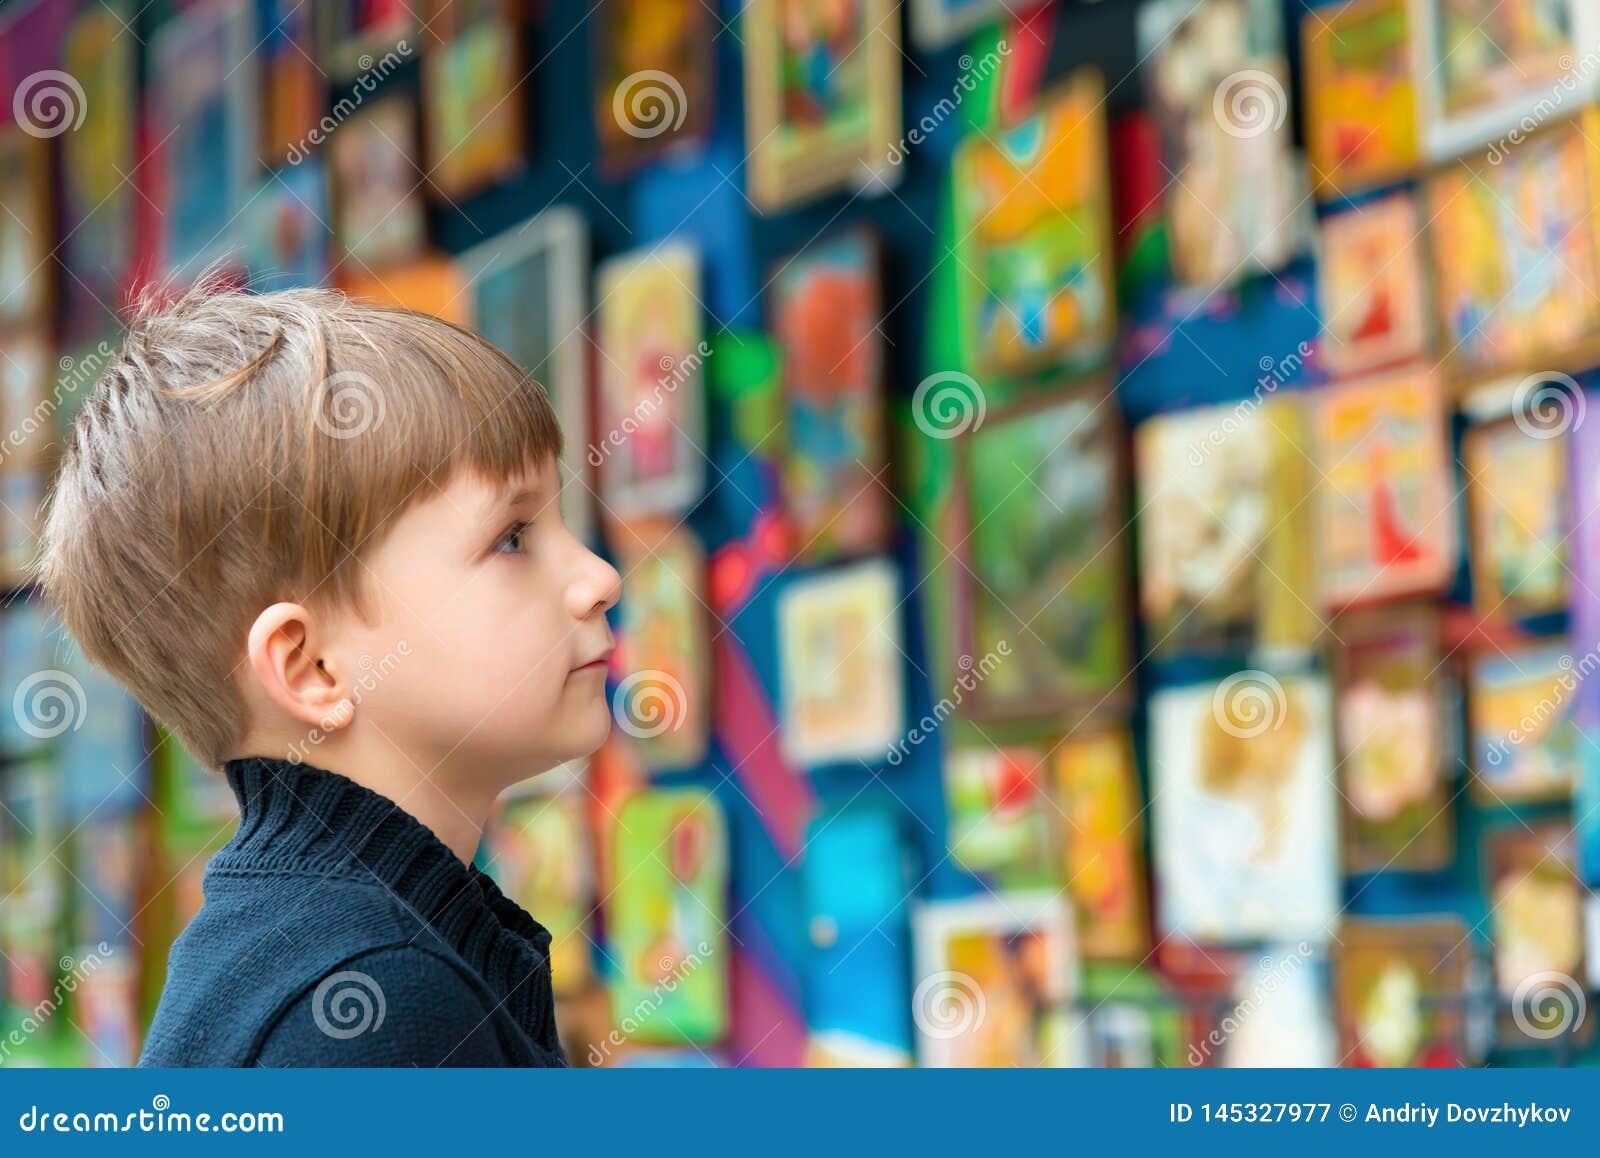 Żądna i żądna bogata chłopiec z pieniędzy spojrzeniami wokoło, chujący monety od złodziejów i wrogów